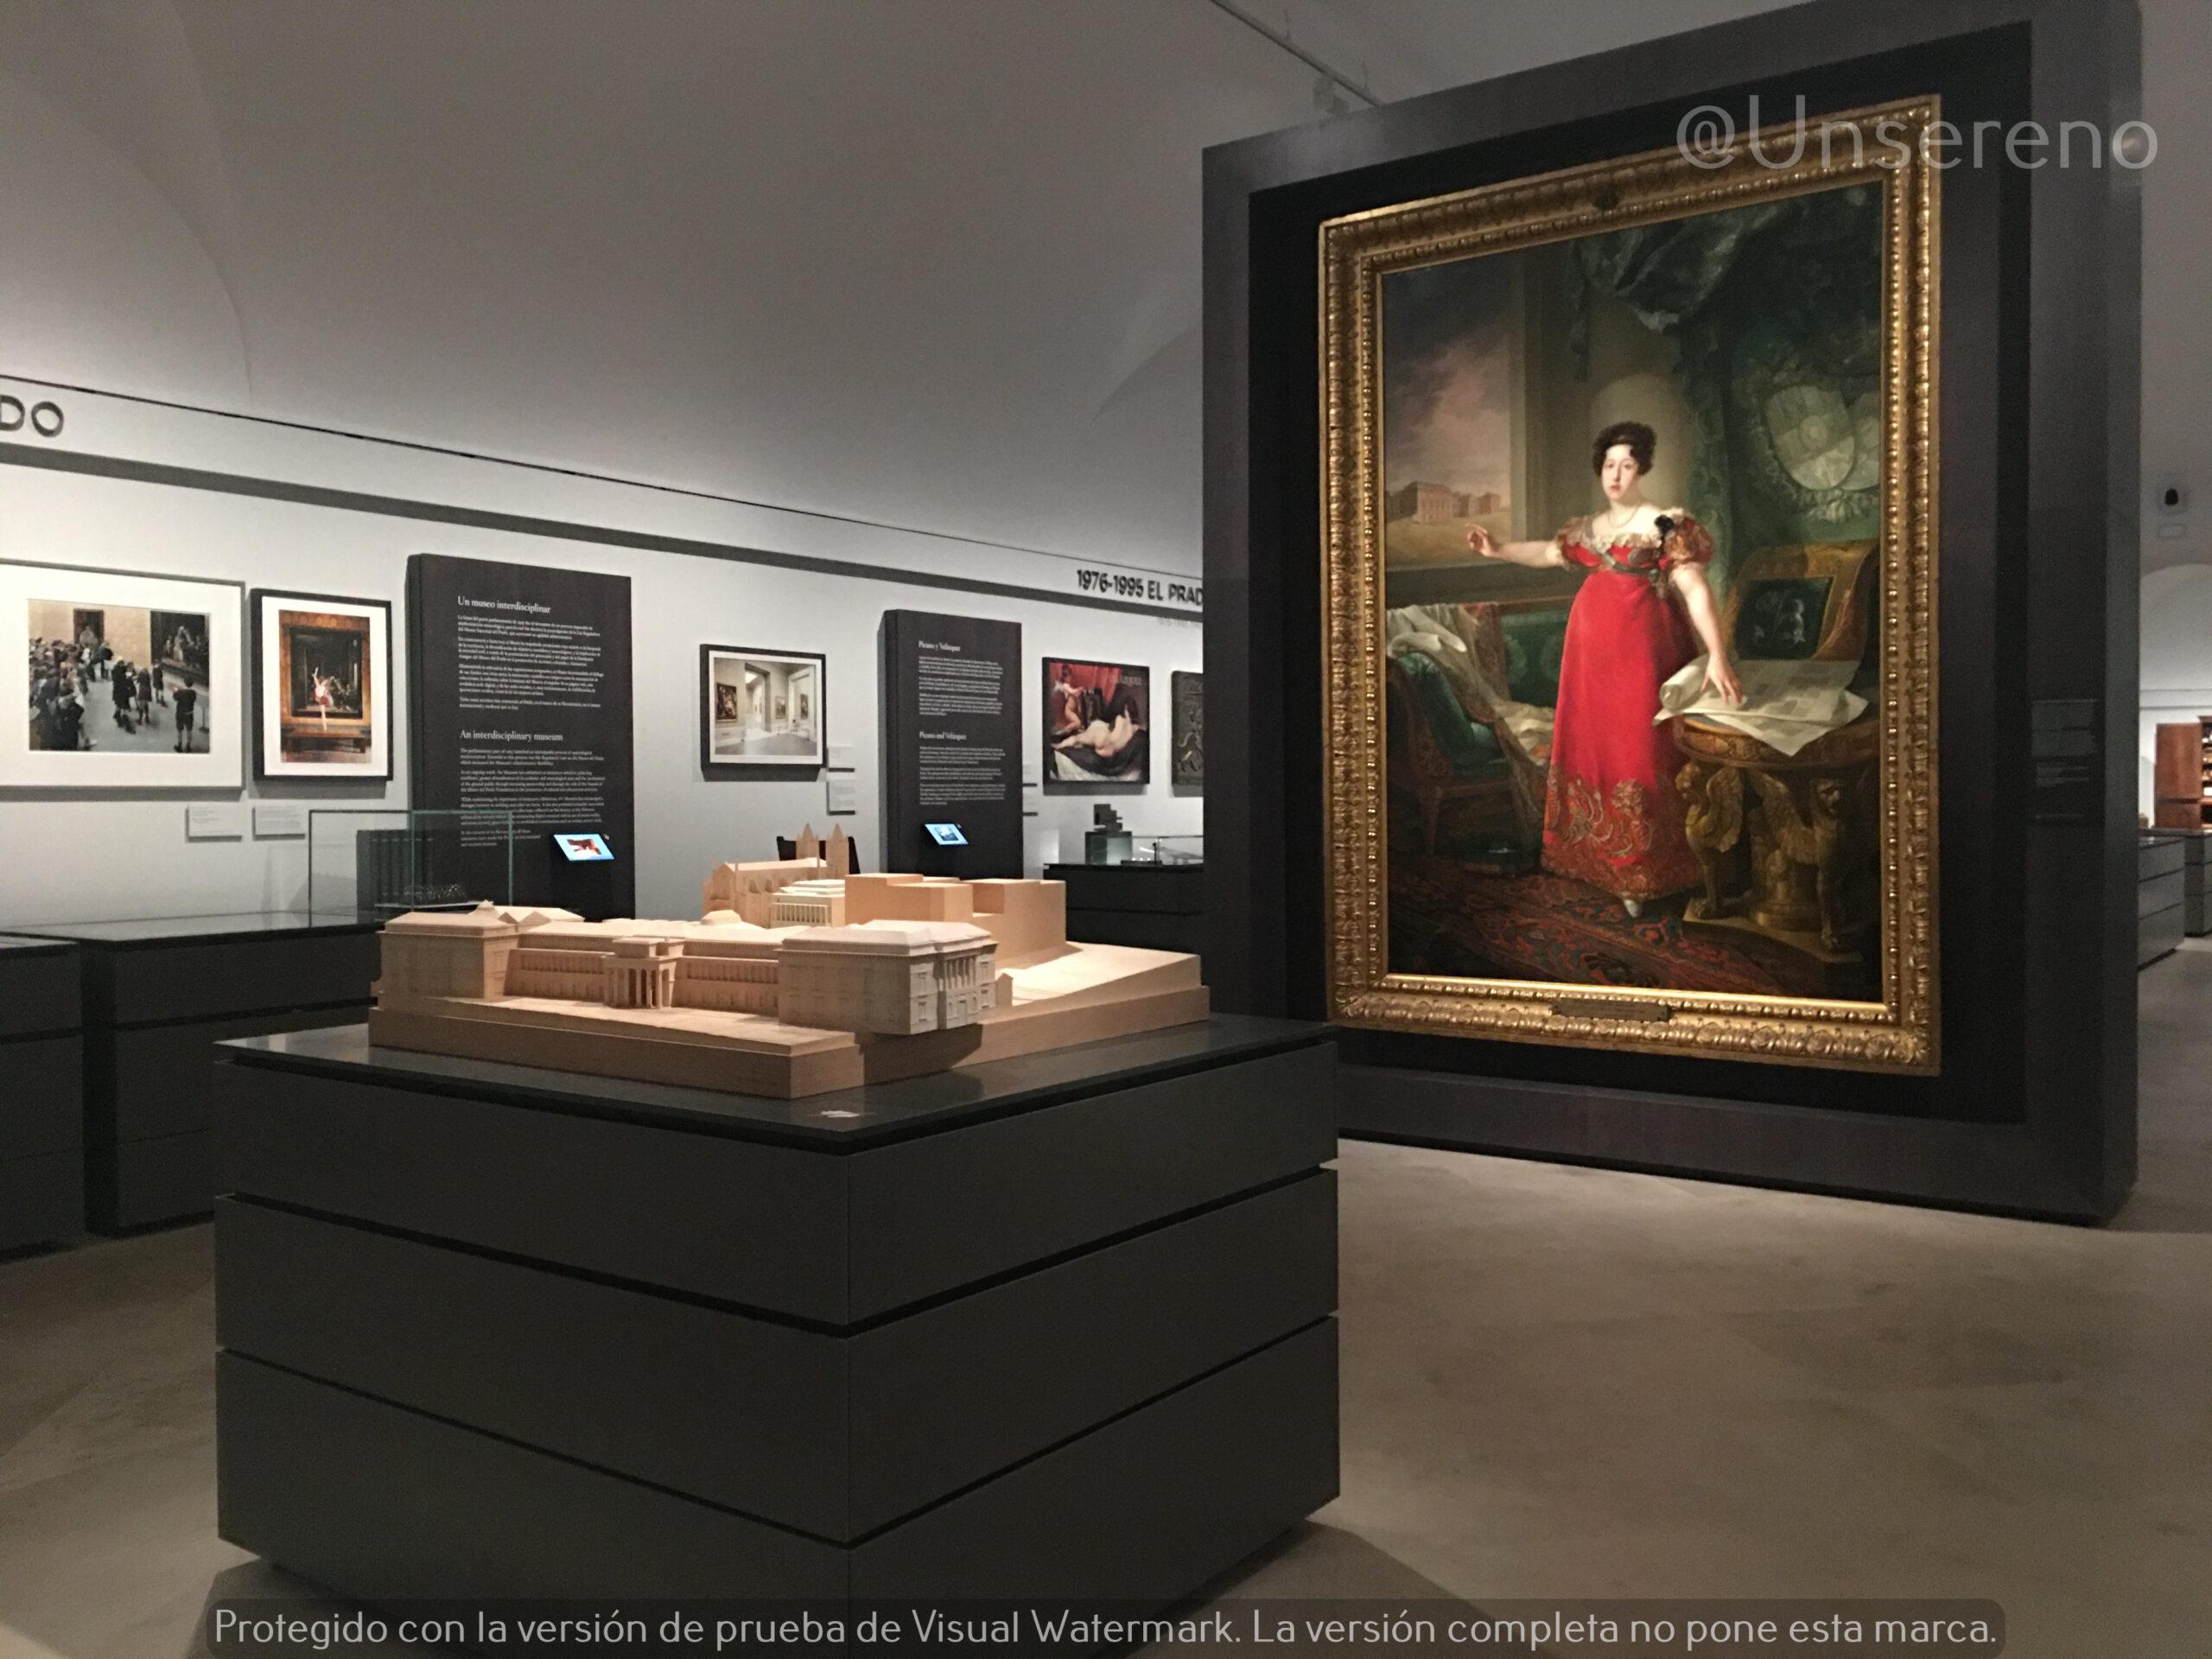 Las nuevas salas en el Museo del Prado que relatan la historia de la institución